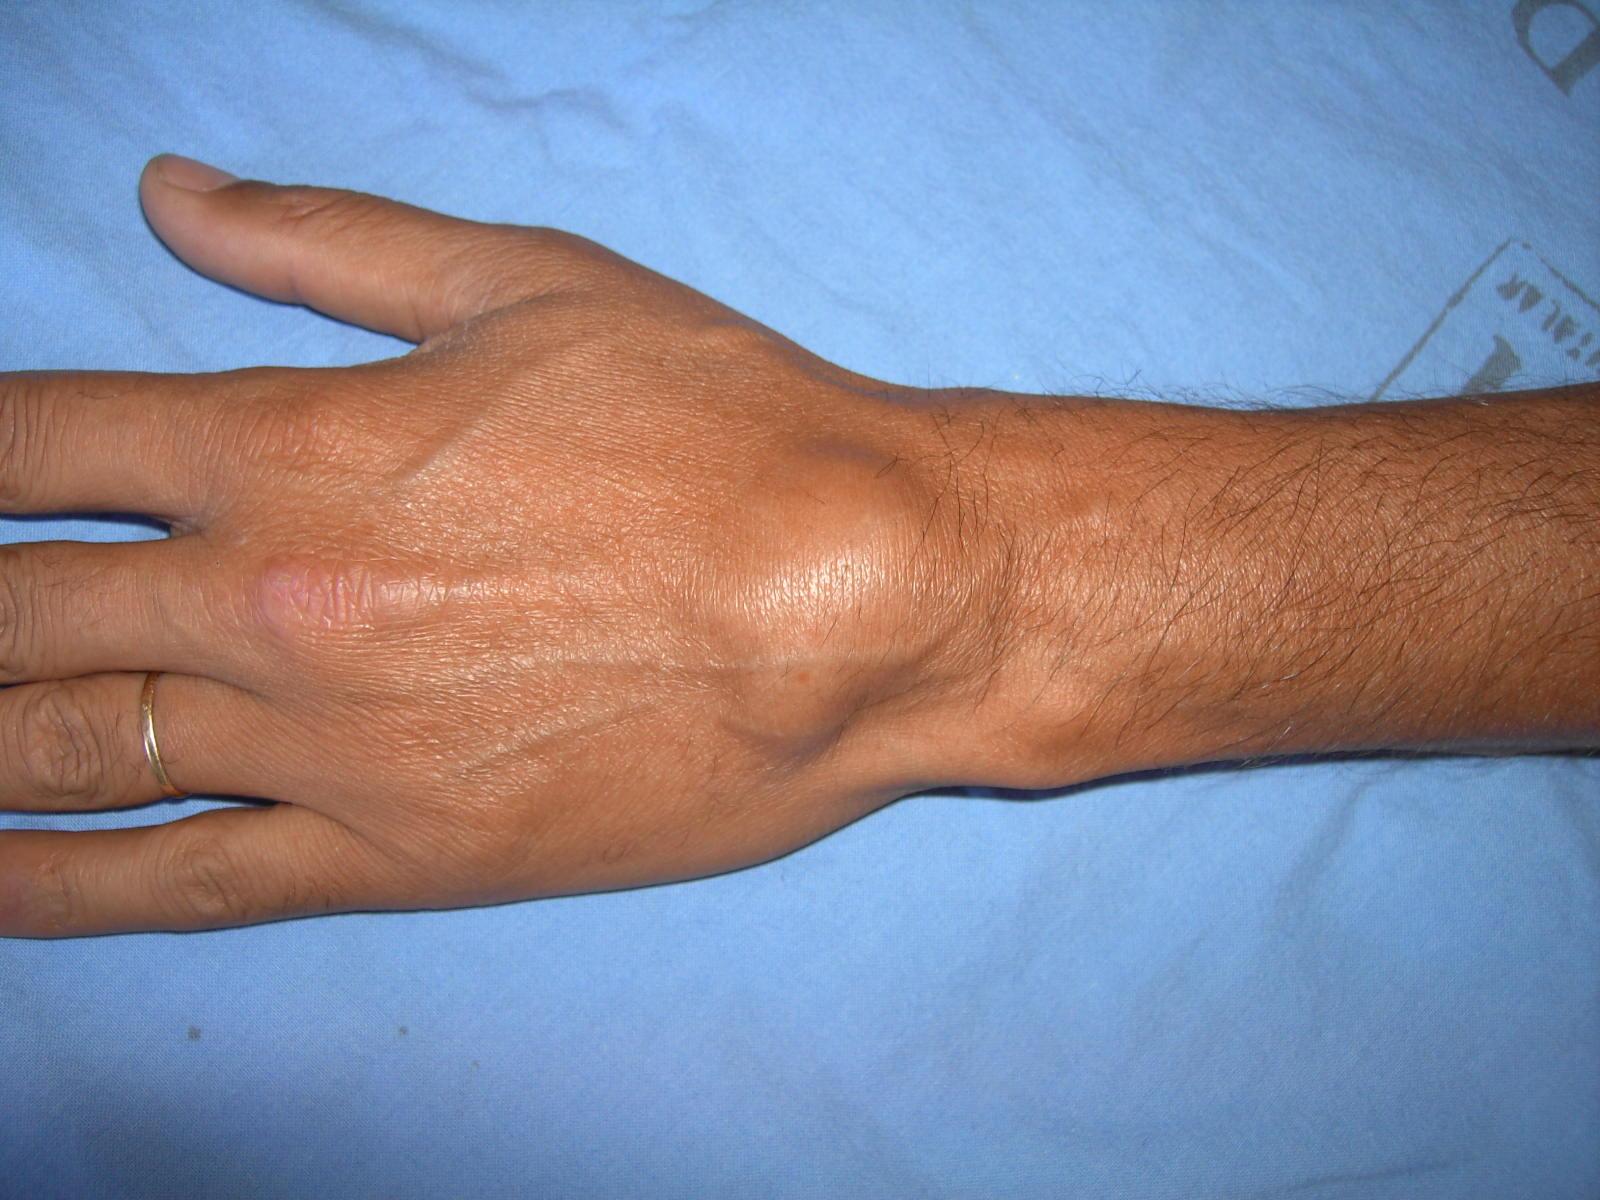 Гигрома: опасна ли шишка на запястье